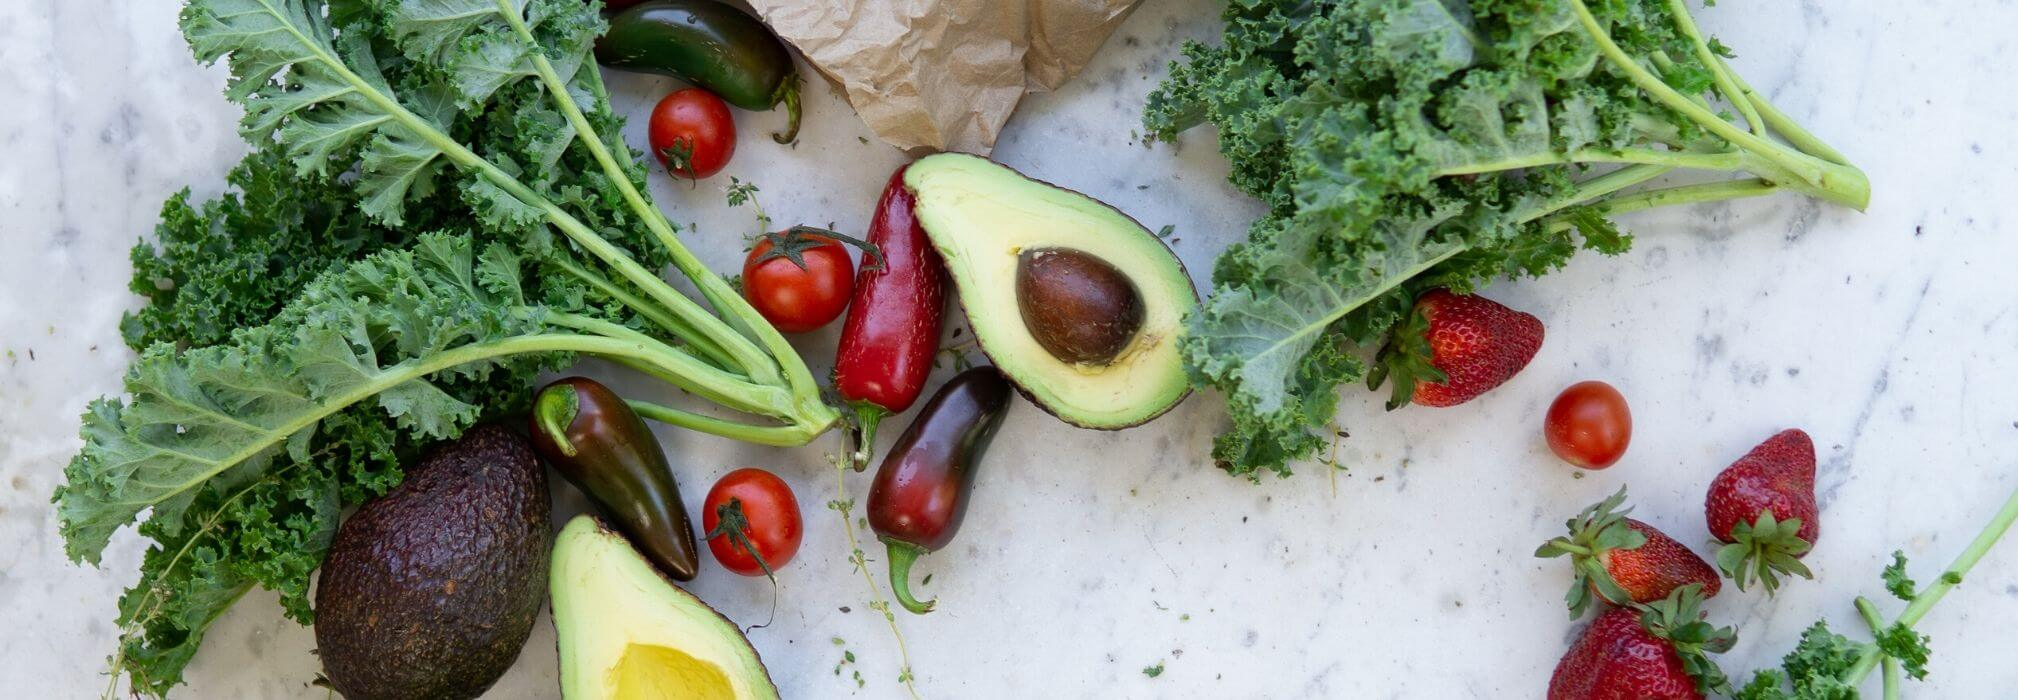 Kochen ohne Reste - Zero Waste